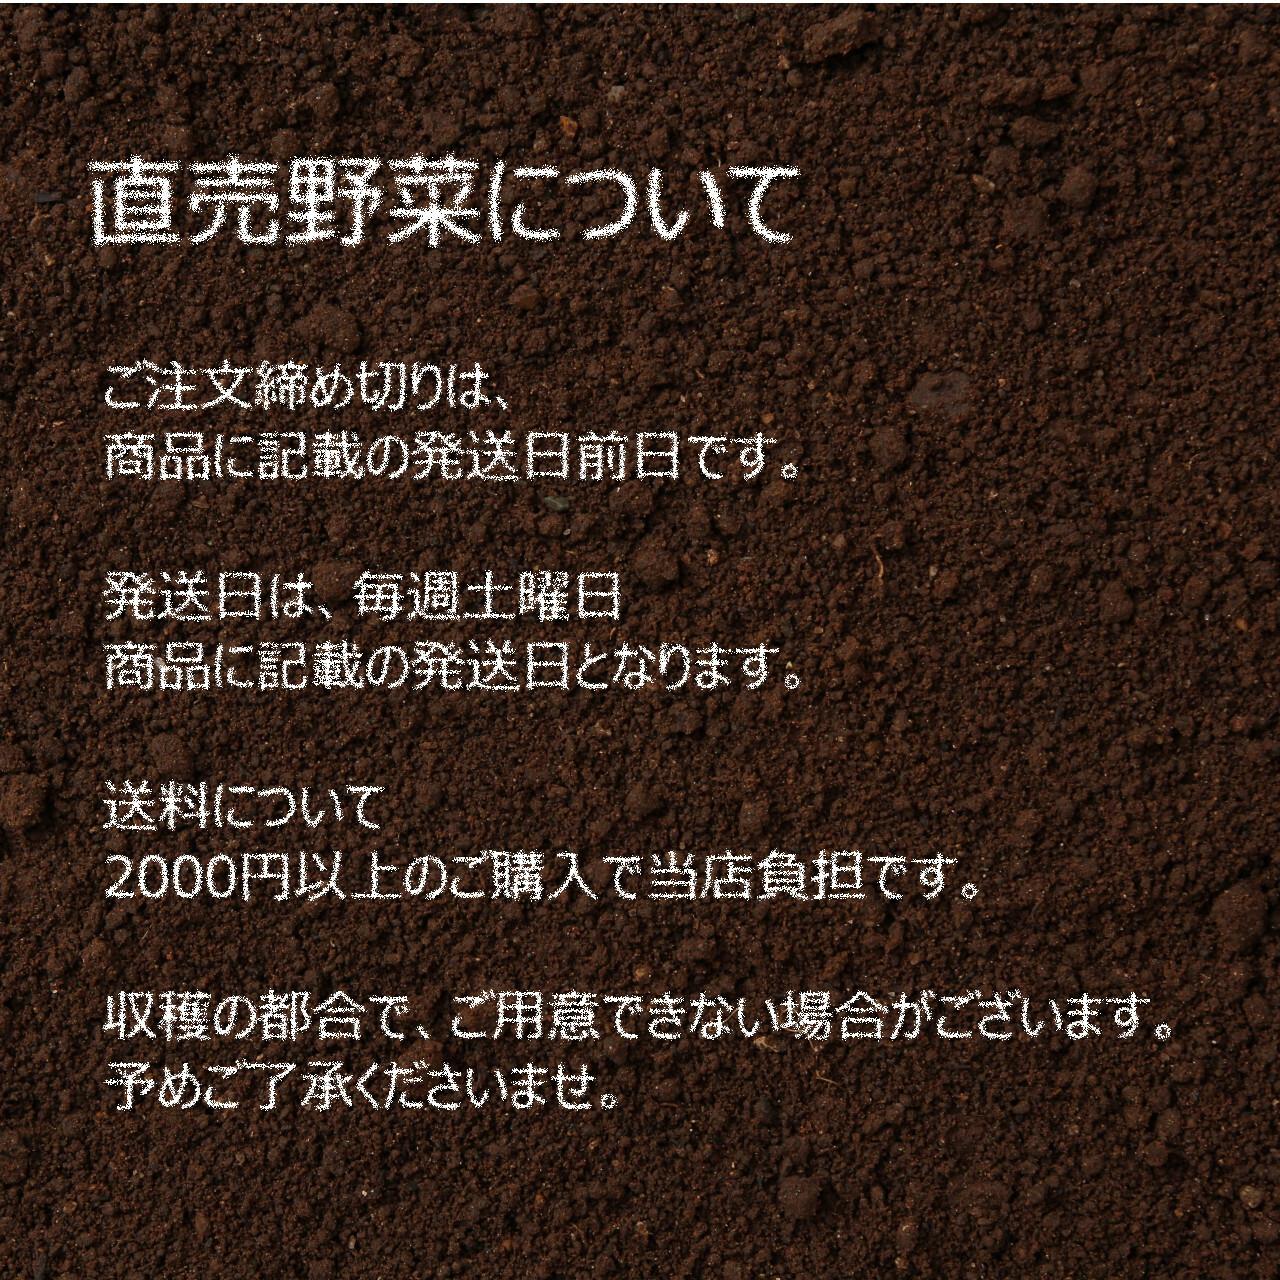 11月の朝採り直売野菜 : 里芋 約350g 新鮮な冬野菜 11月23日発送予定